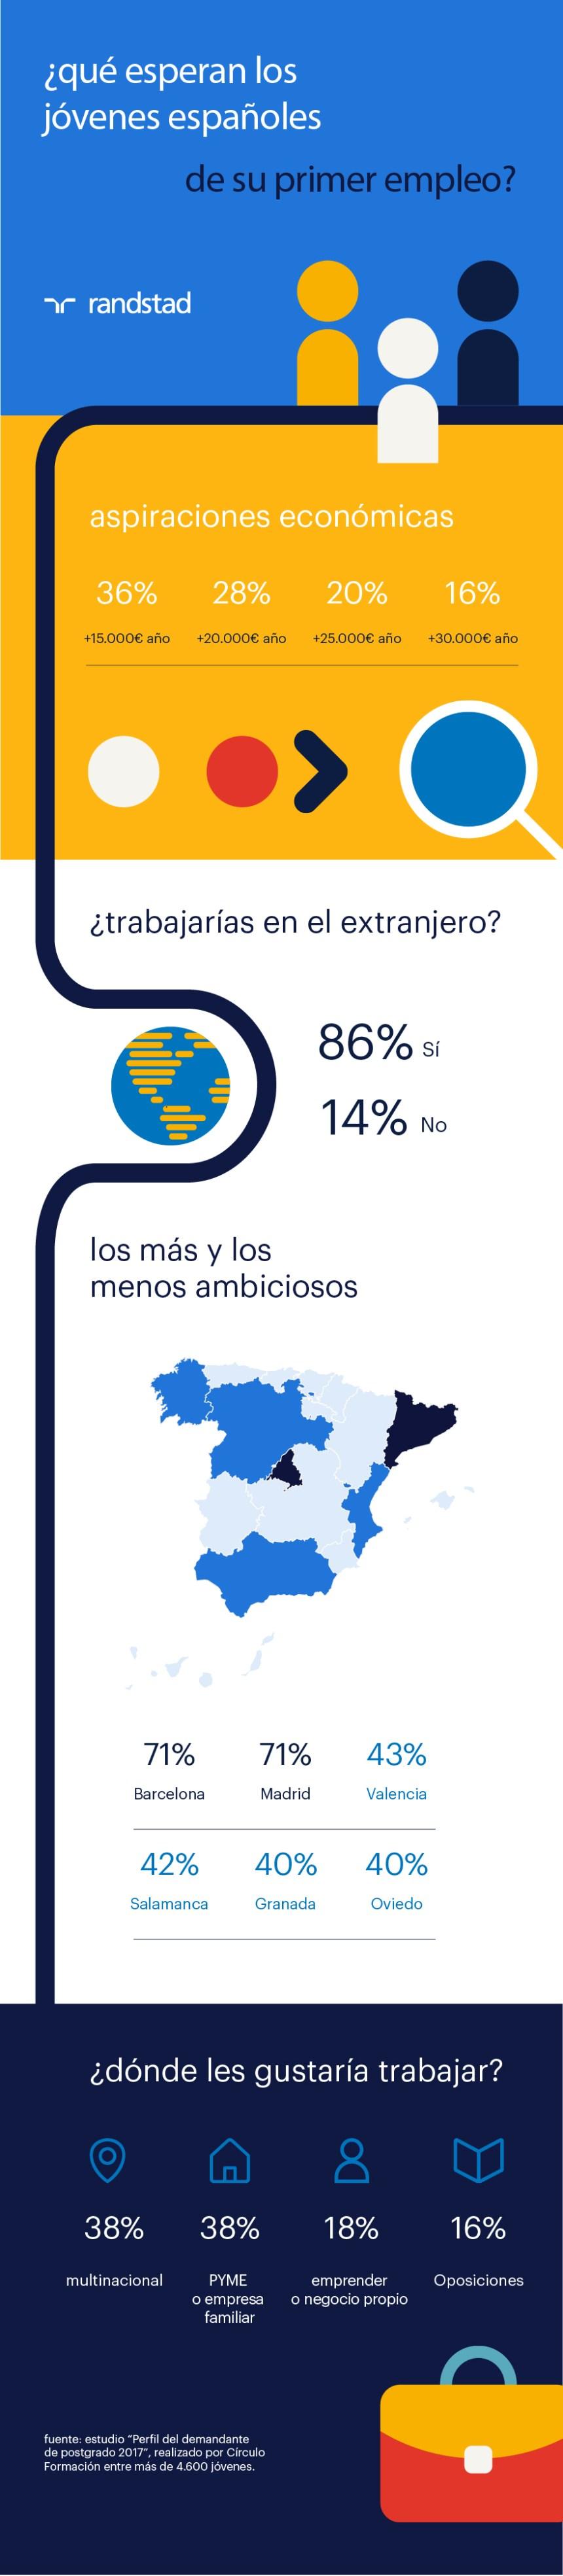 Qué esperan los jóvenes españoles de su primer empleo